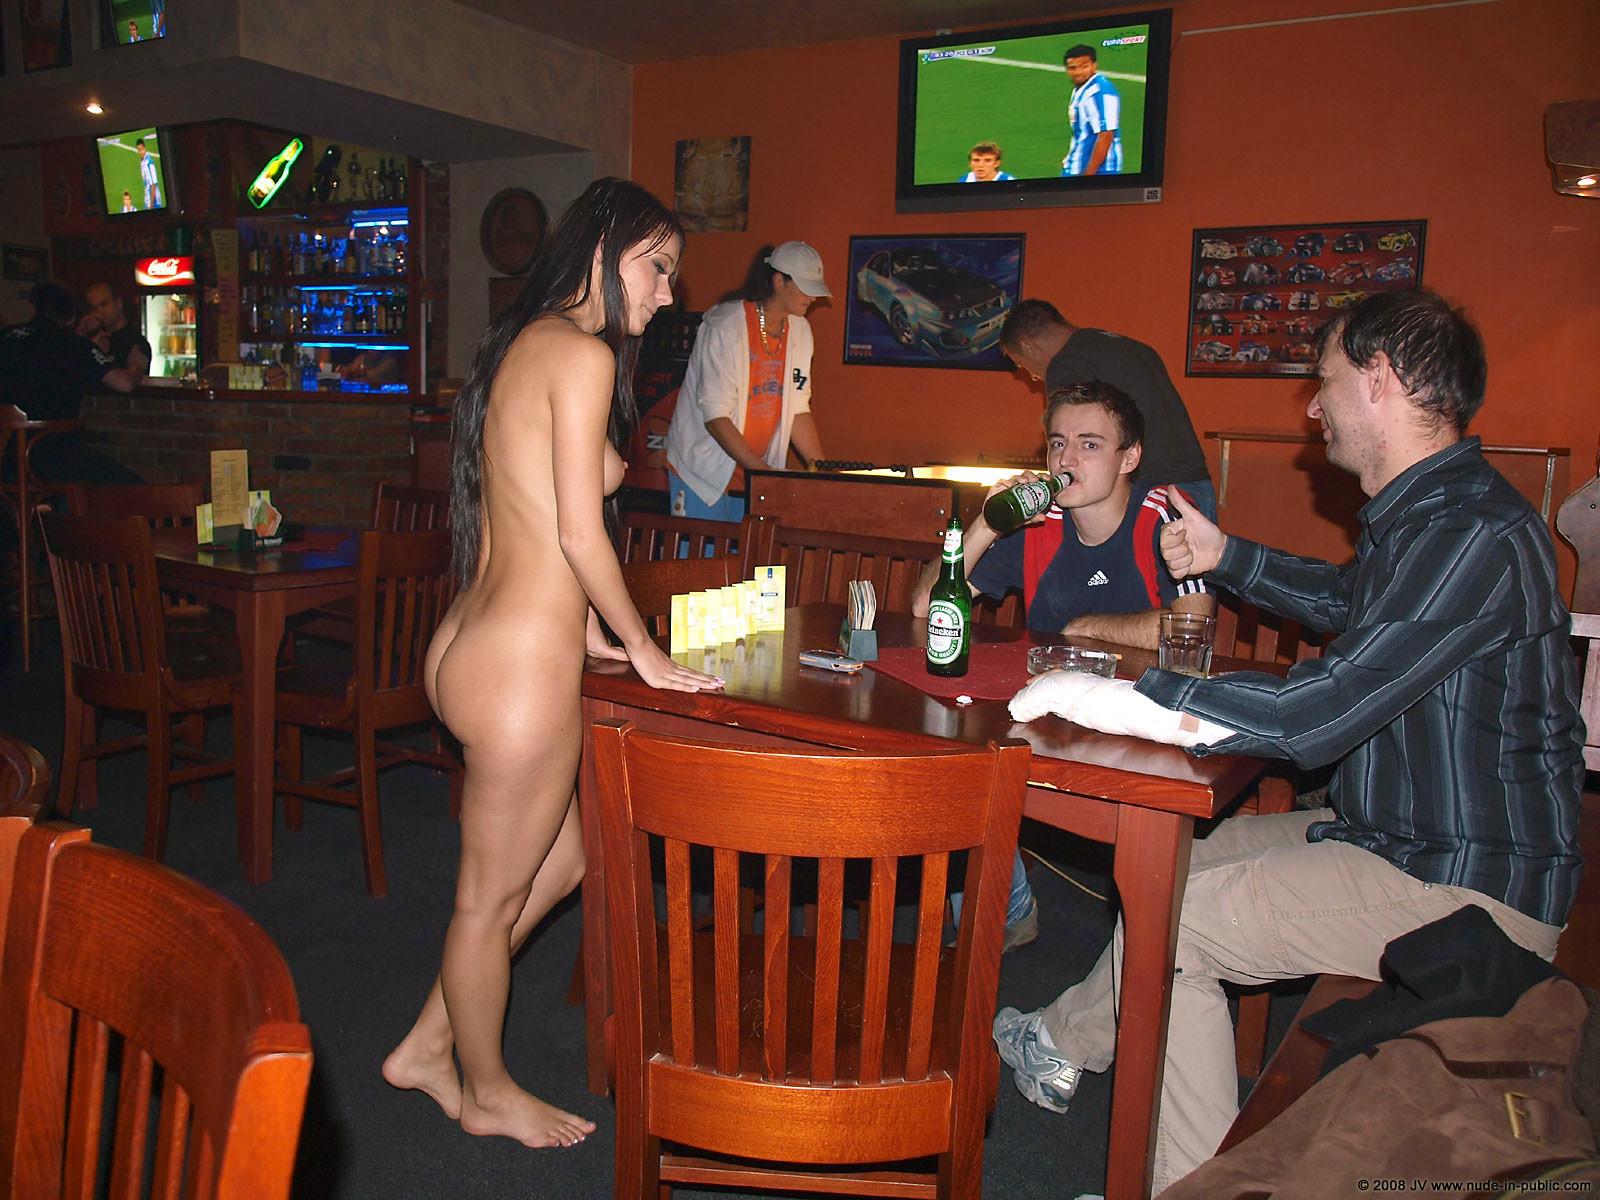 Zee cafe nude girl #2